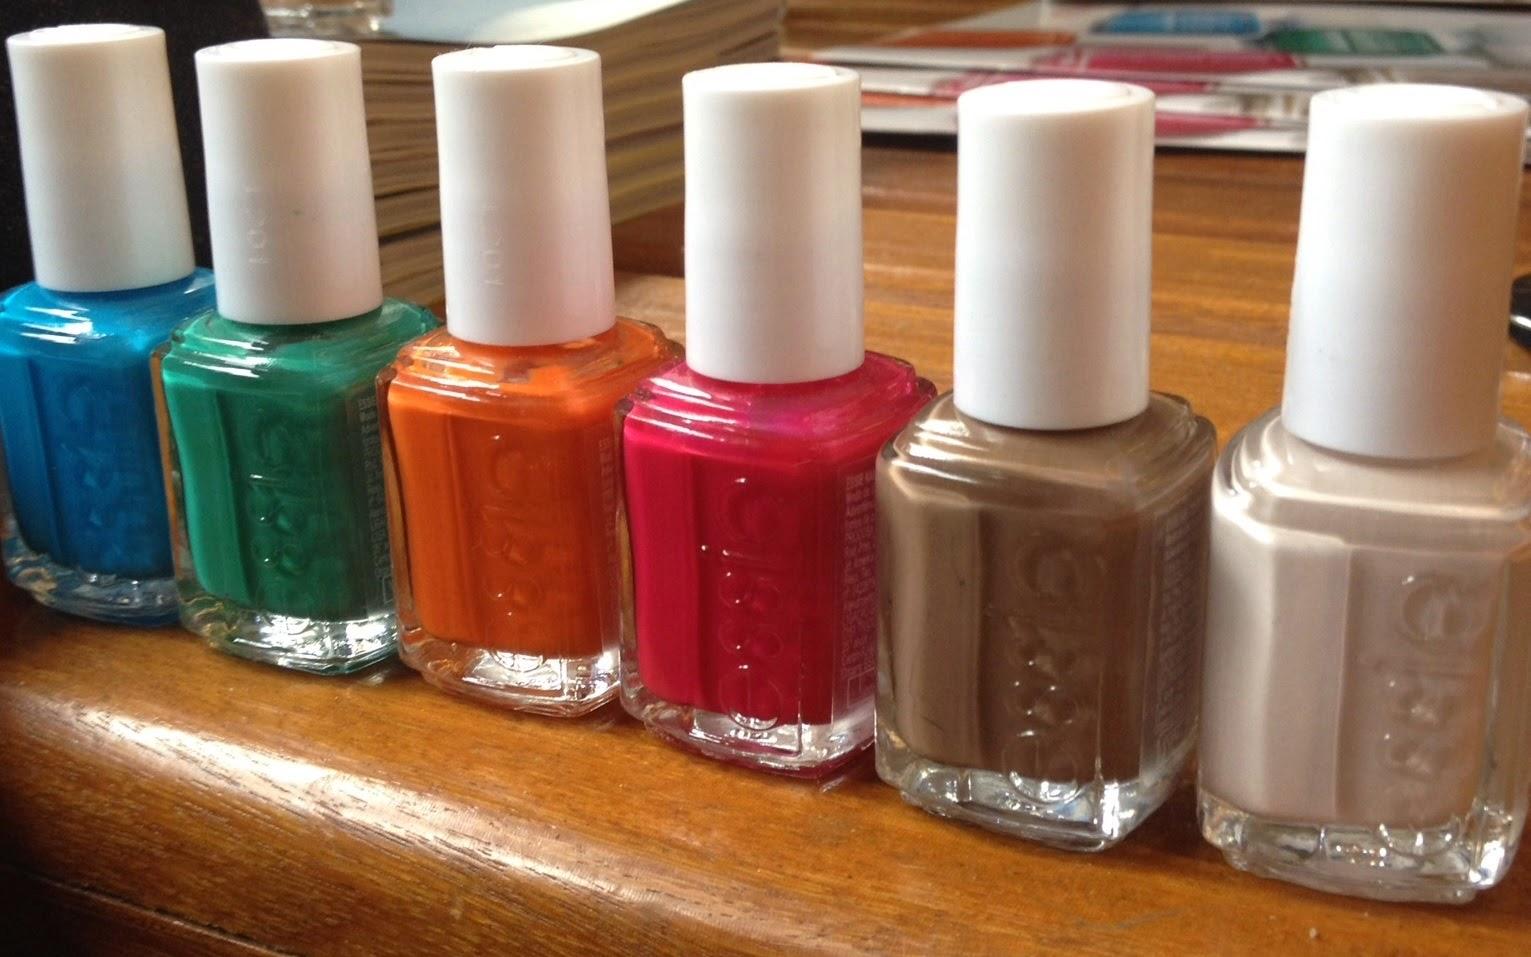 mão feita, esmalte, vernis, nailpolish, essie, tendência, lançamento, summer 2015, verão, pink, coleção, novidades